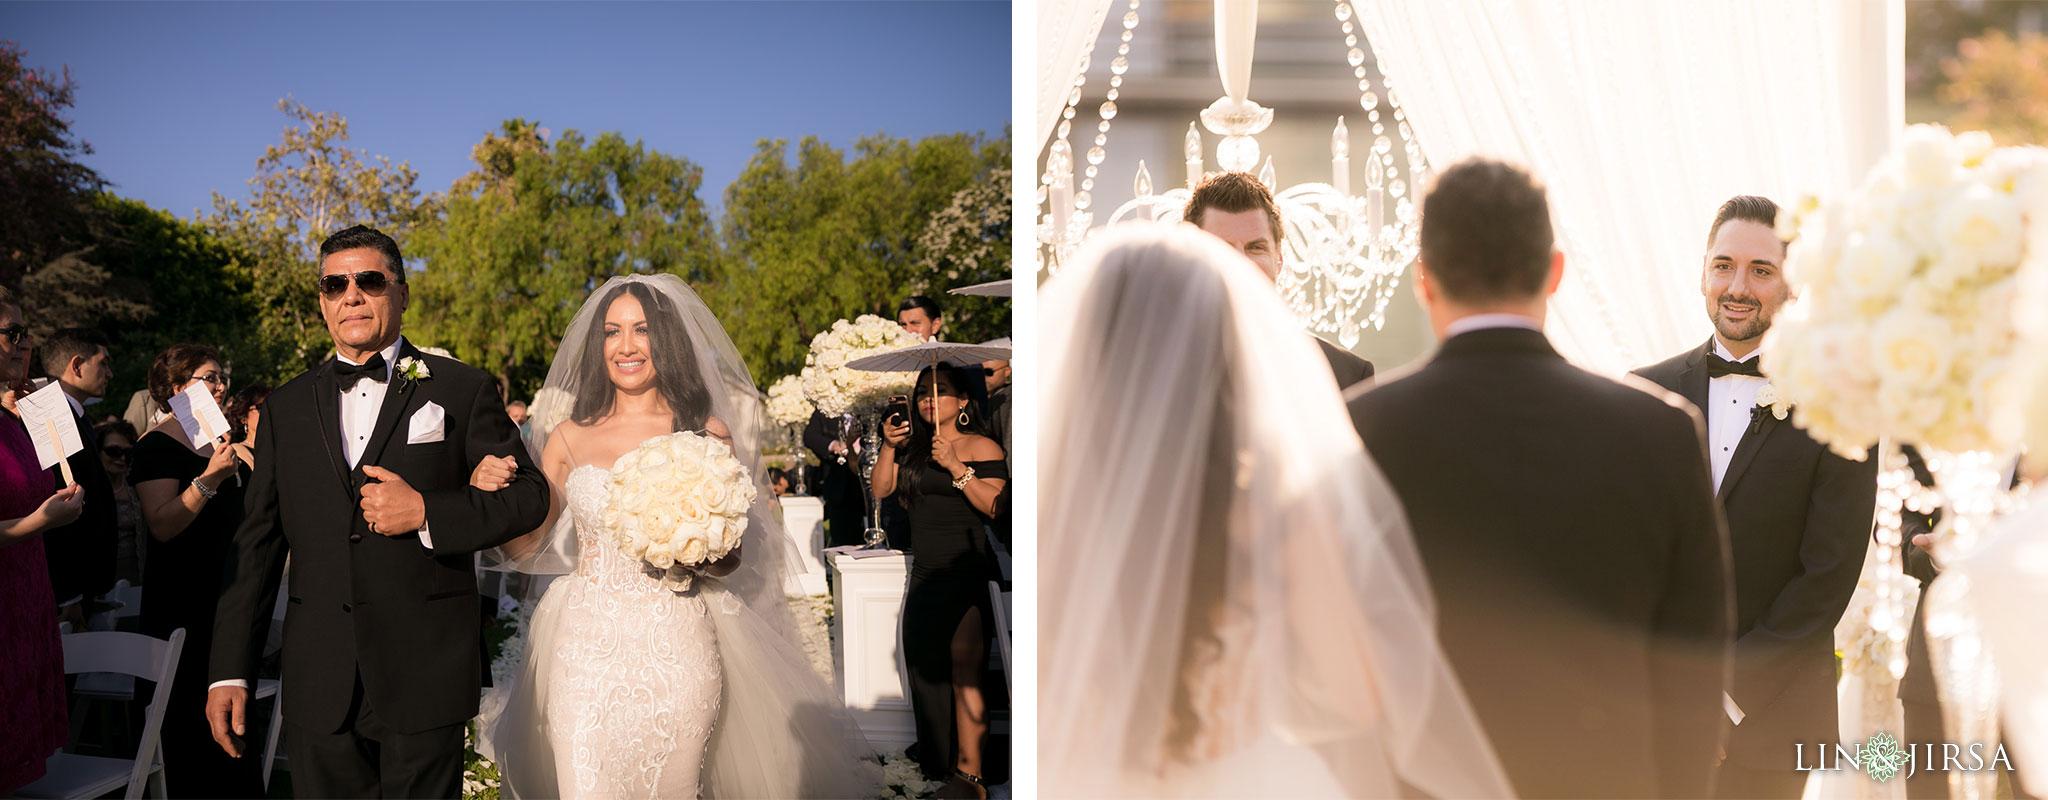 17 Richard Nixon Library Yorba Linda Wedding Photography